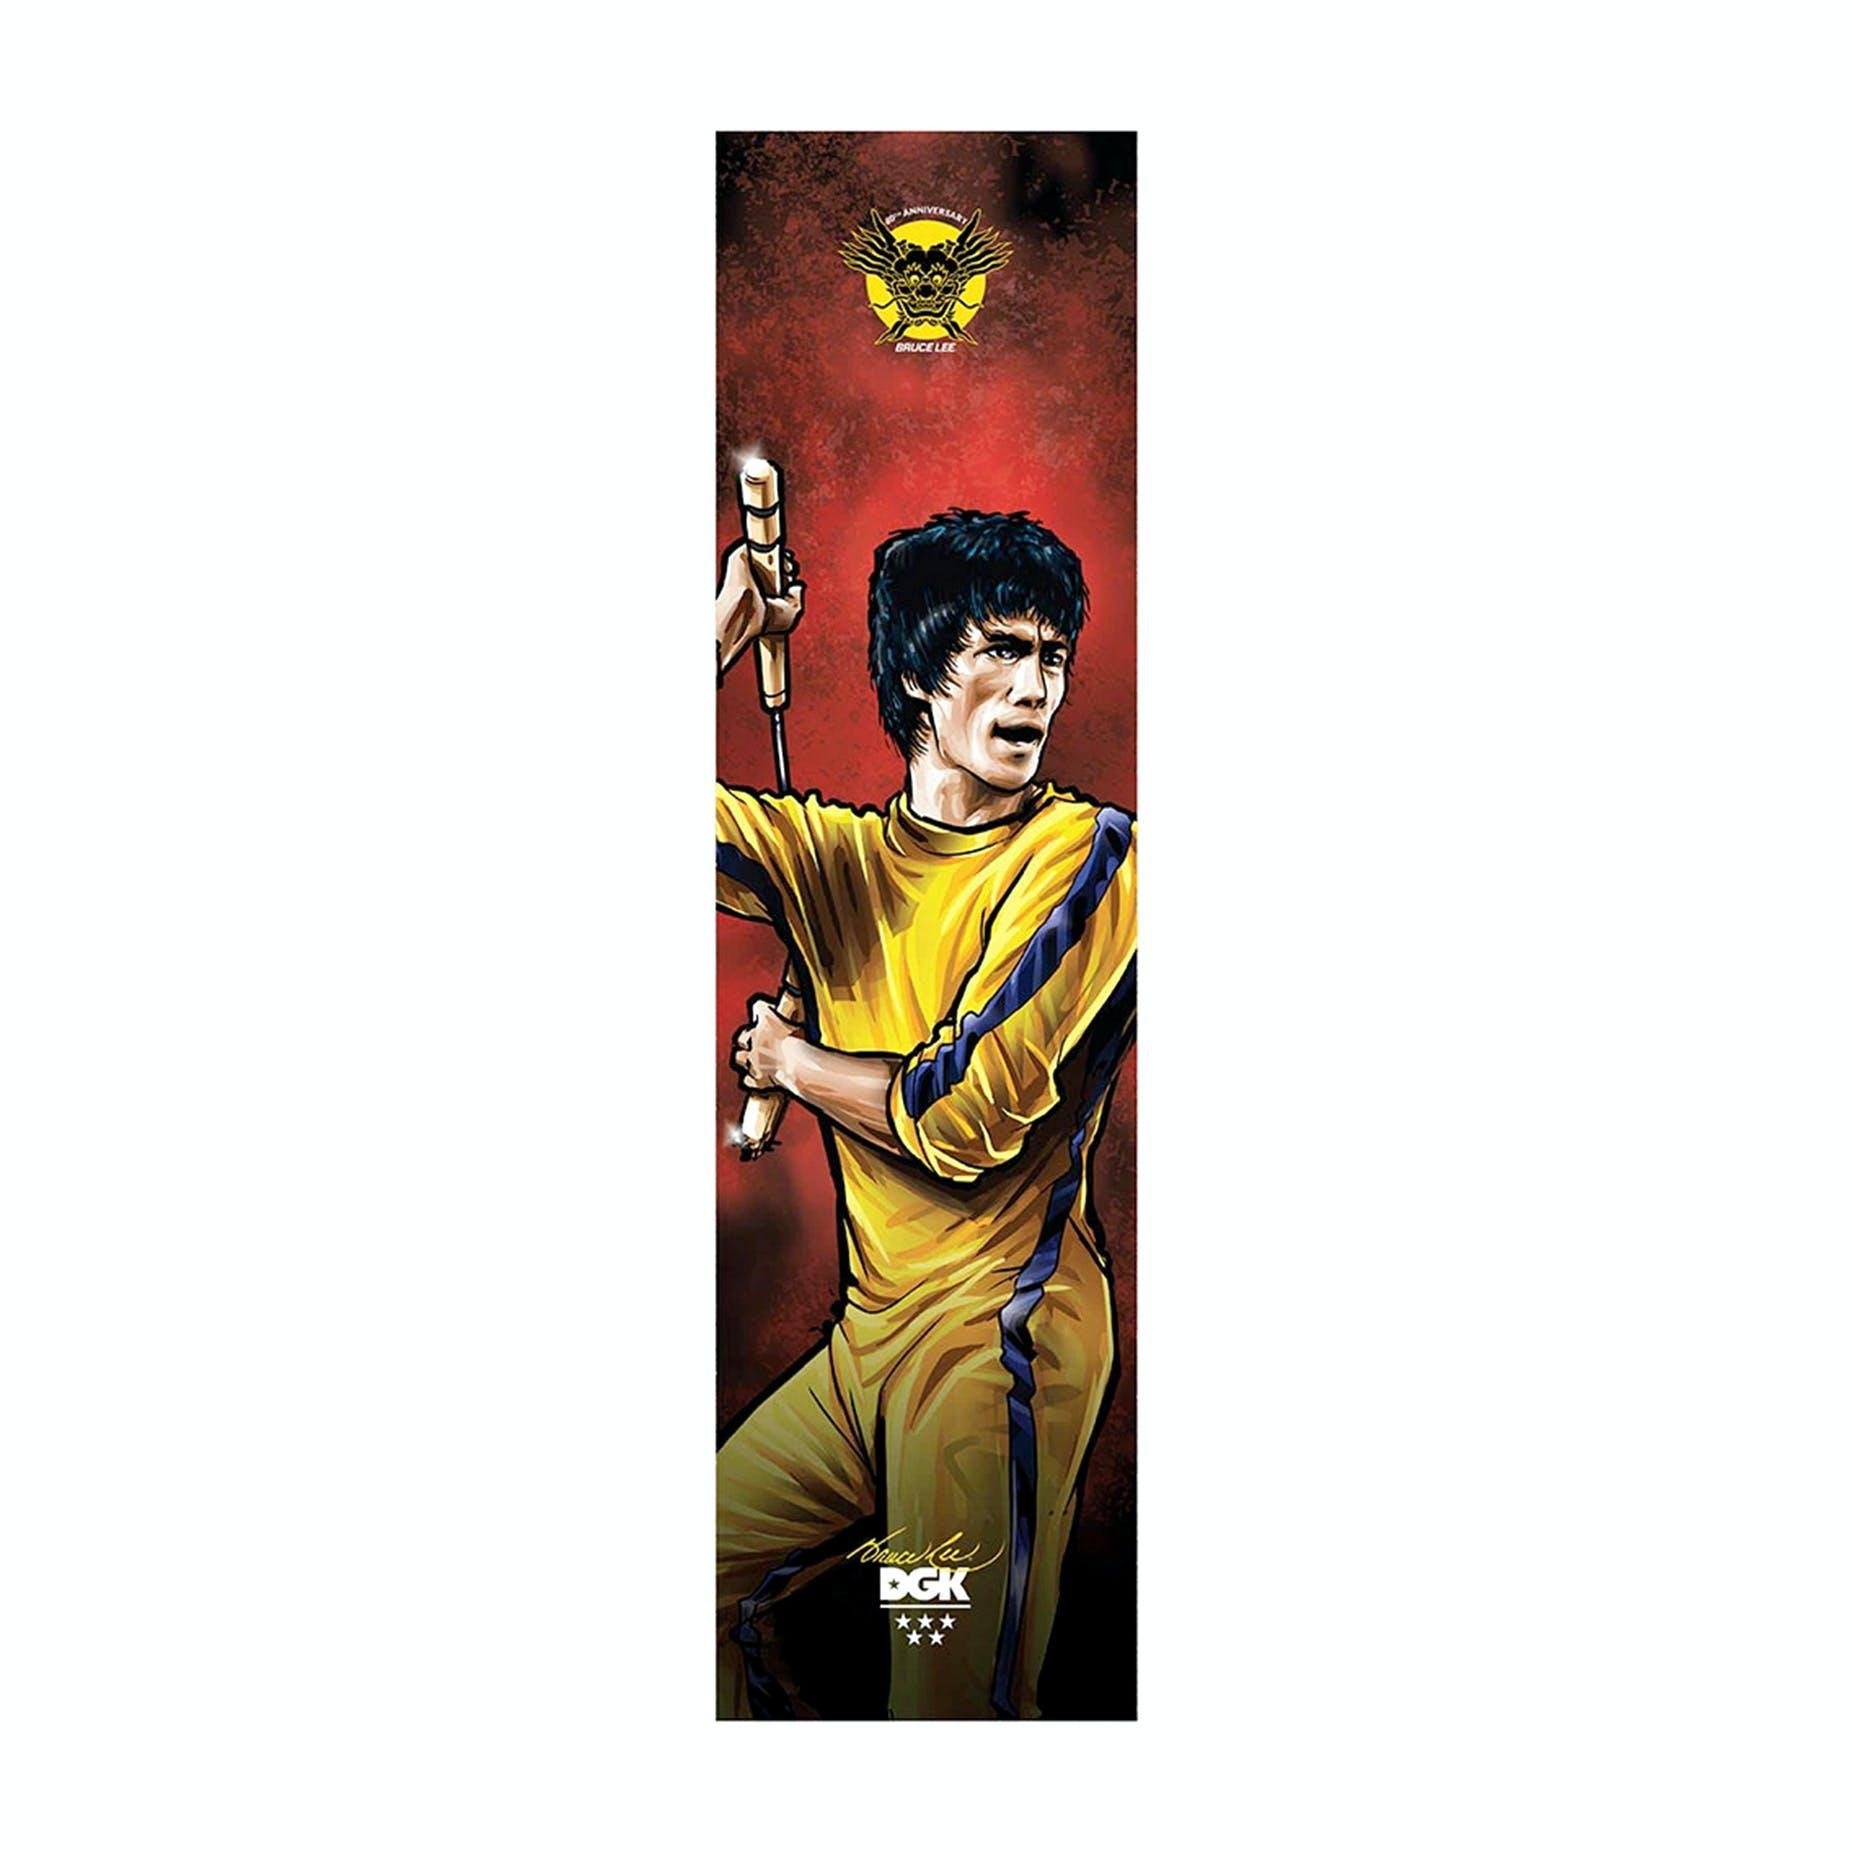 DGK x Bruce Lee Technique Grip Tape